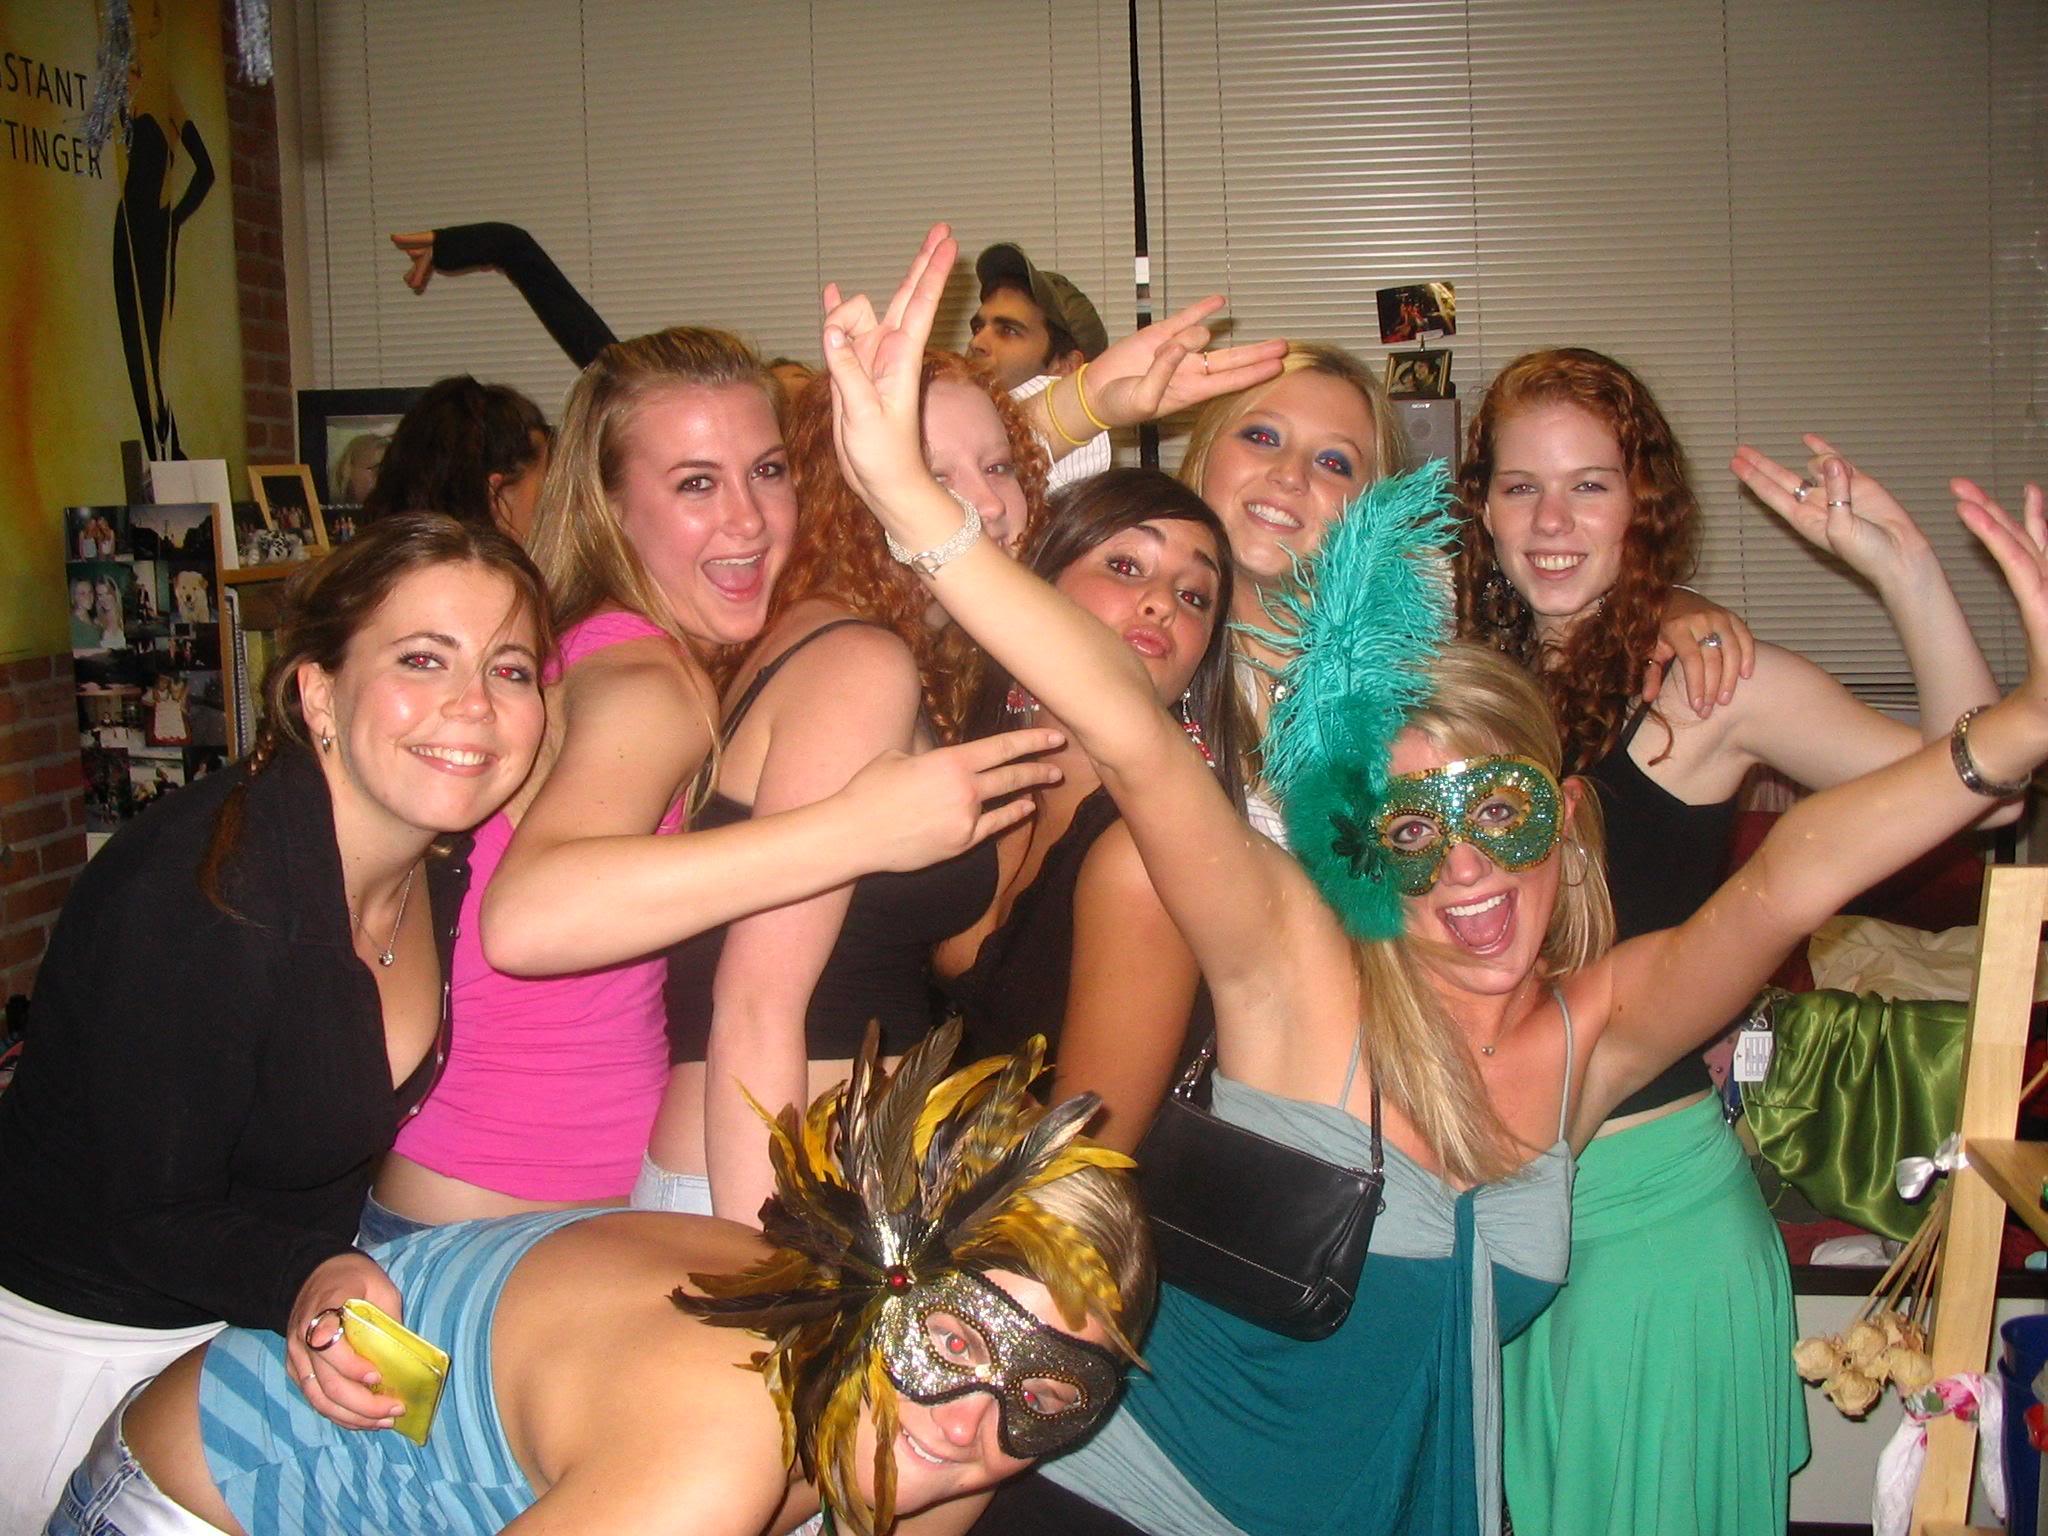 Freshman college dorm parties